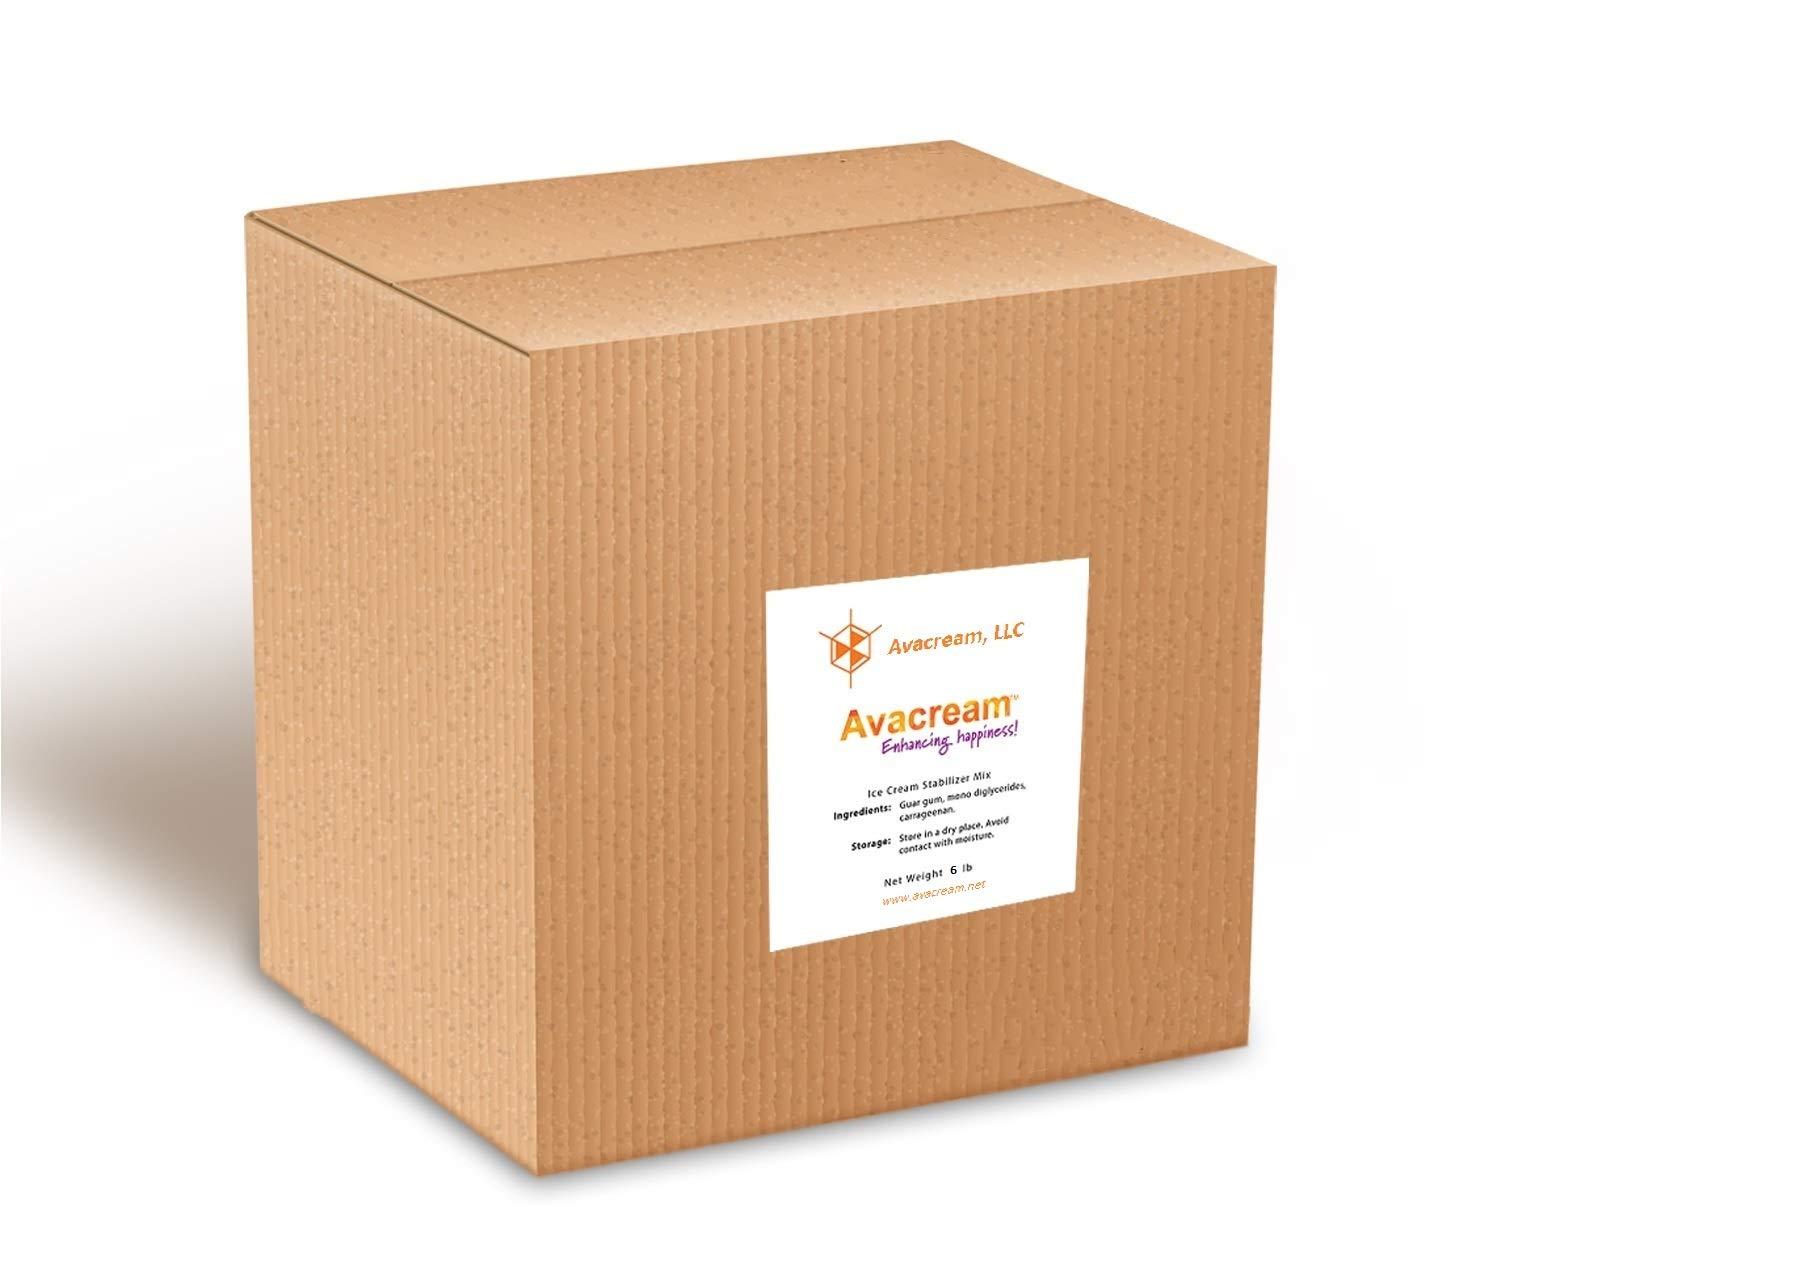 Avacream Ice Cream Stabilizer Mix (6 lb)